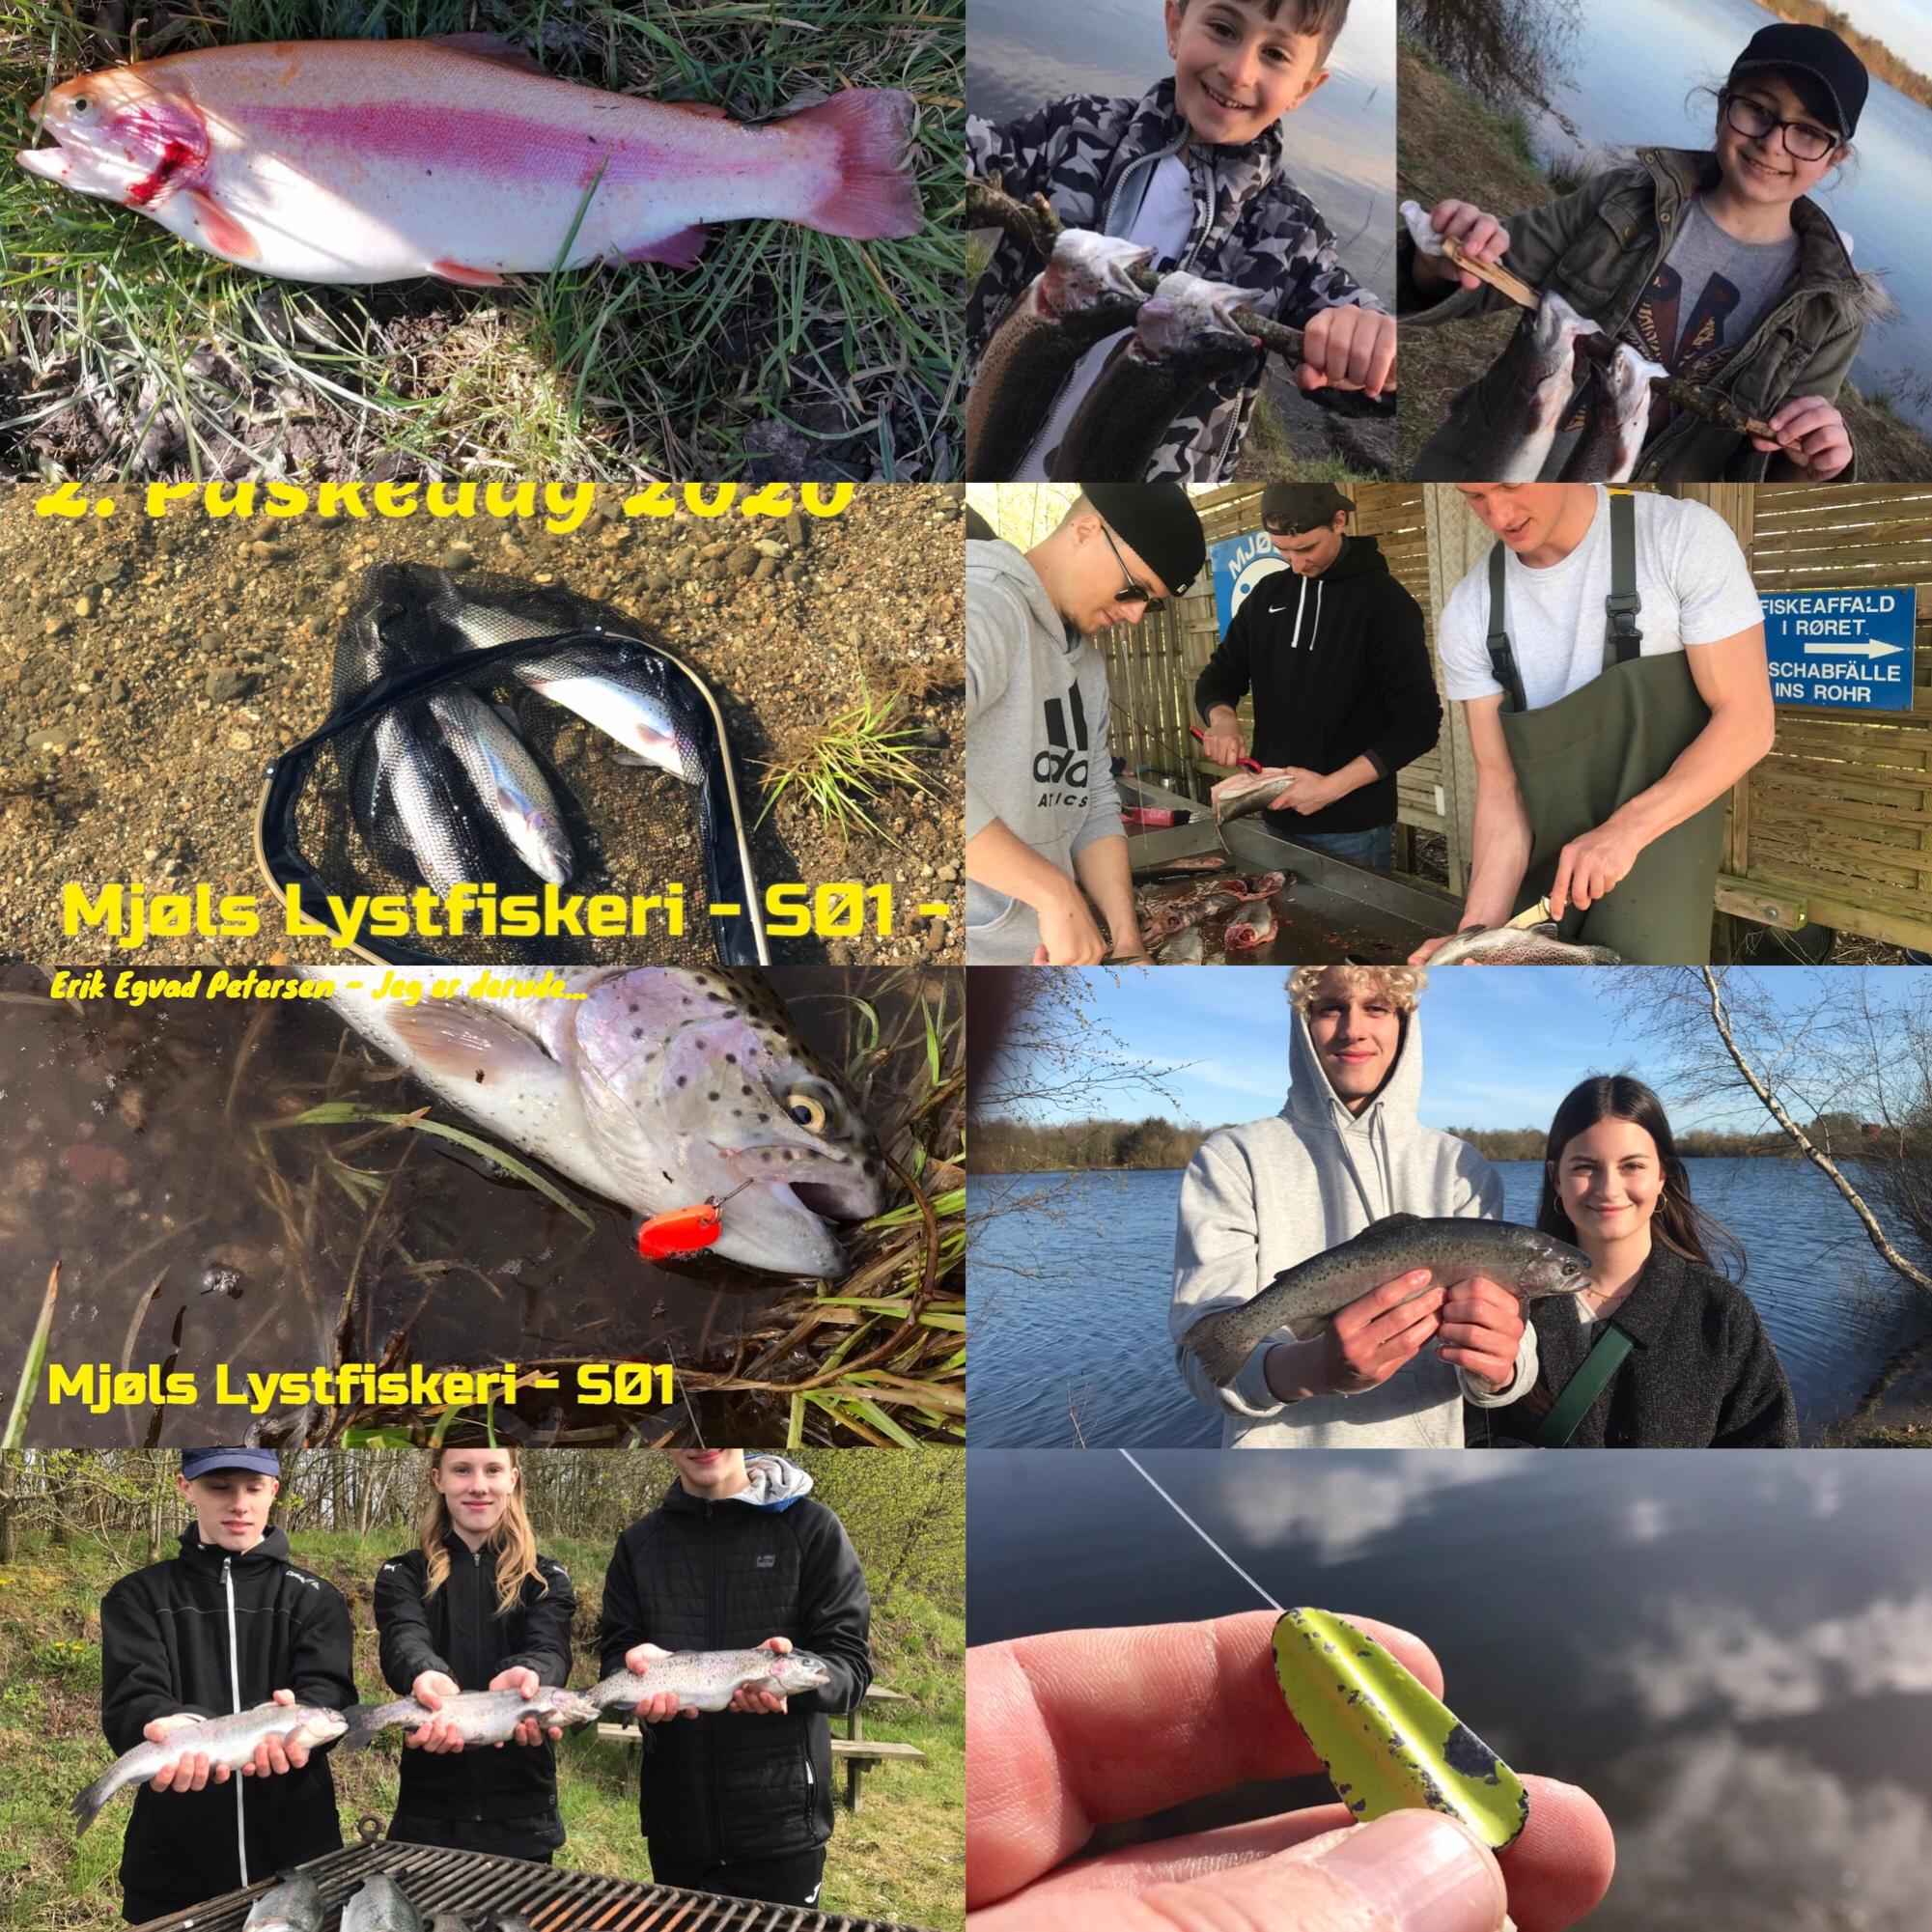 Mjøls Lystfiskeri: En fantastisk Påske for lystfiskerne